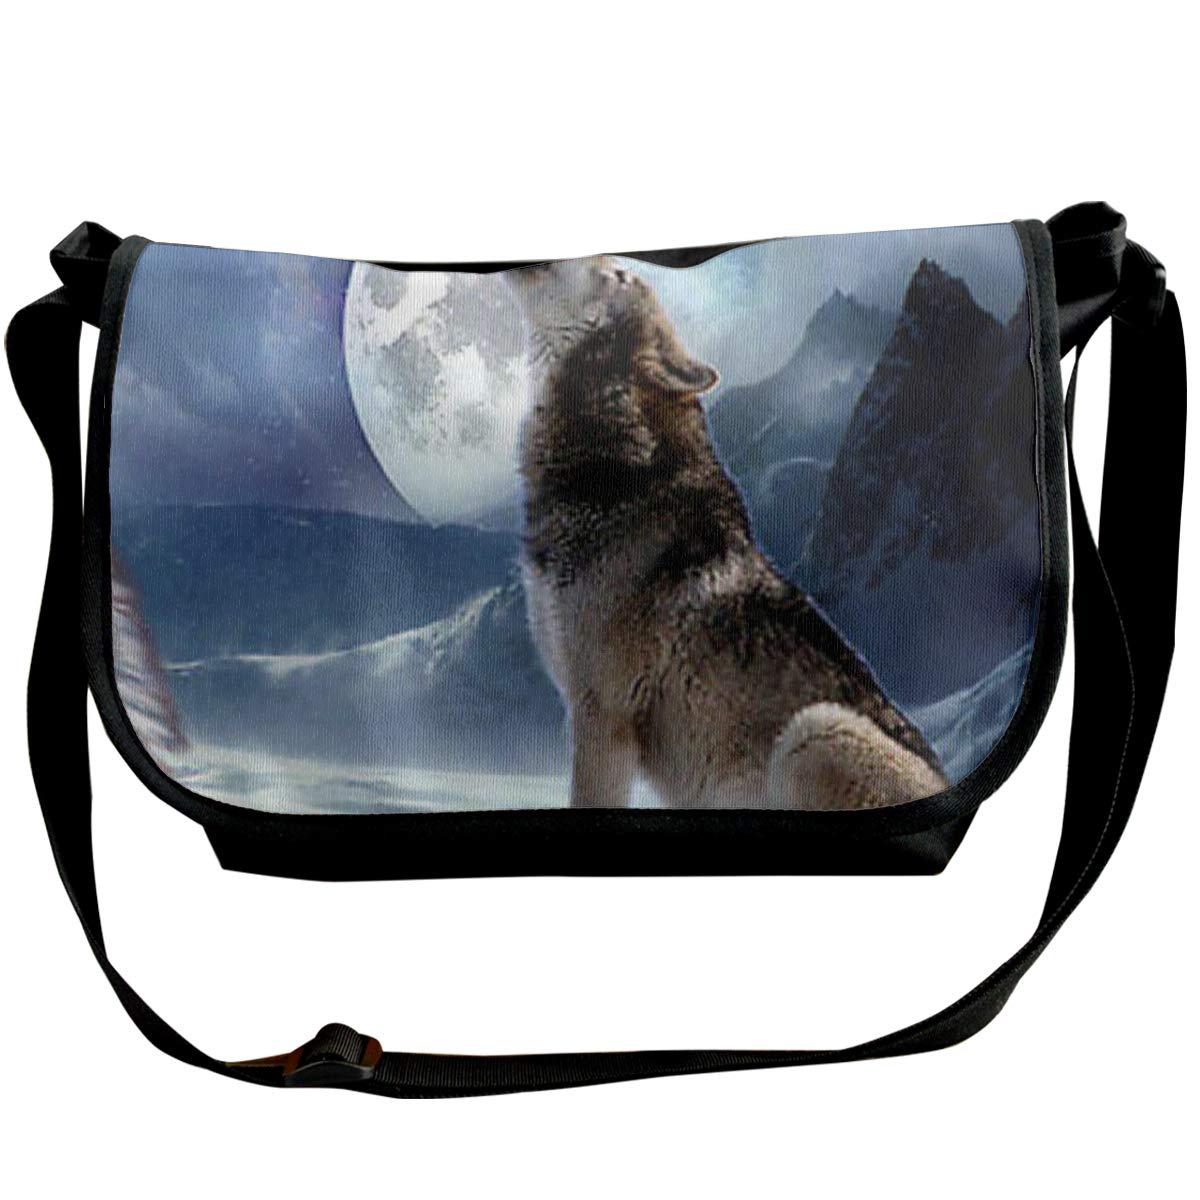 Women Cross Body Bag Howling Wolvess Messenger Bag Chest Pack Bookbag Multi Pocket Travel Casual Purses